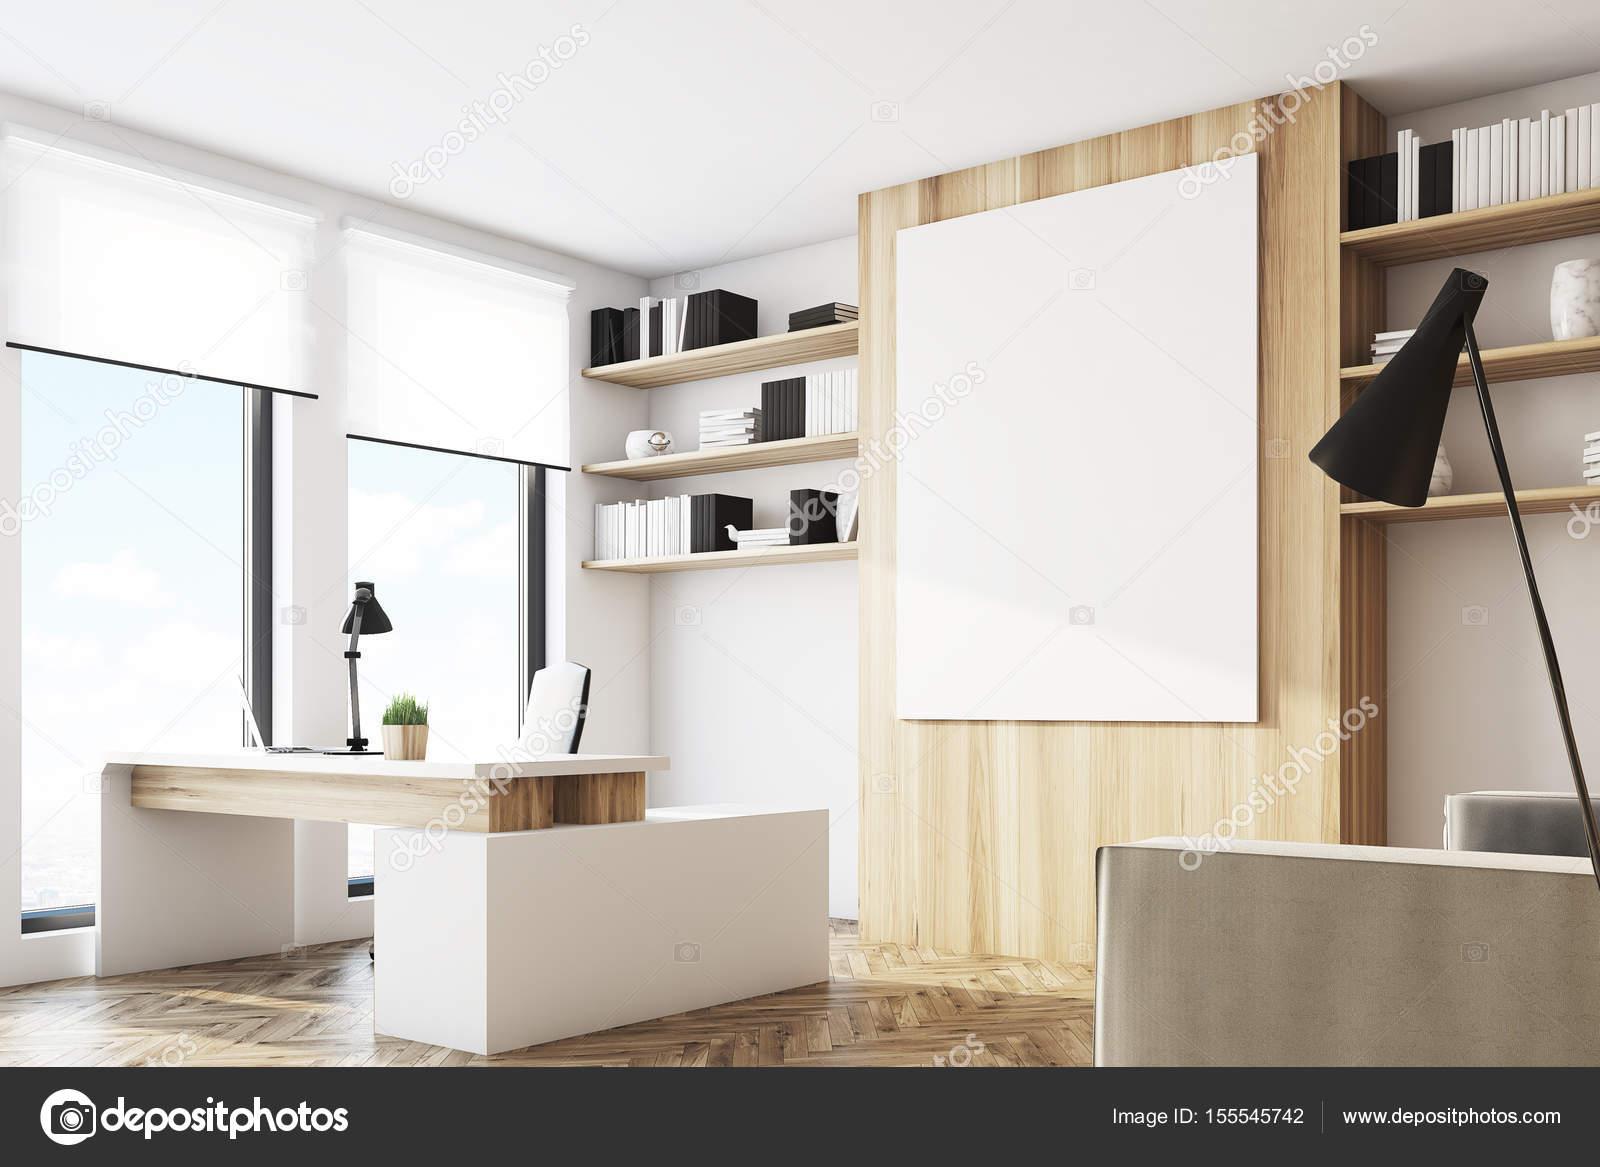 Bureau en bois clair côté u2014 photographie denisismagilov © #155545742